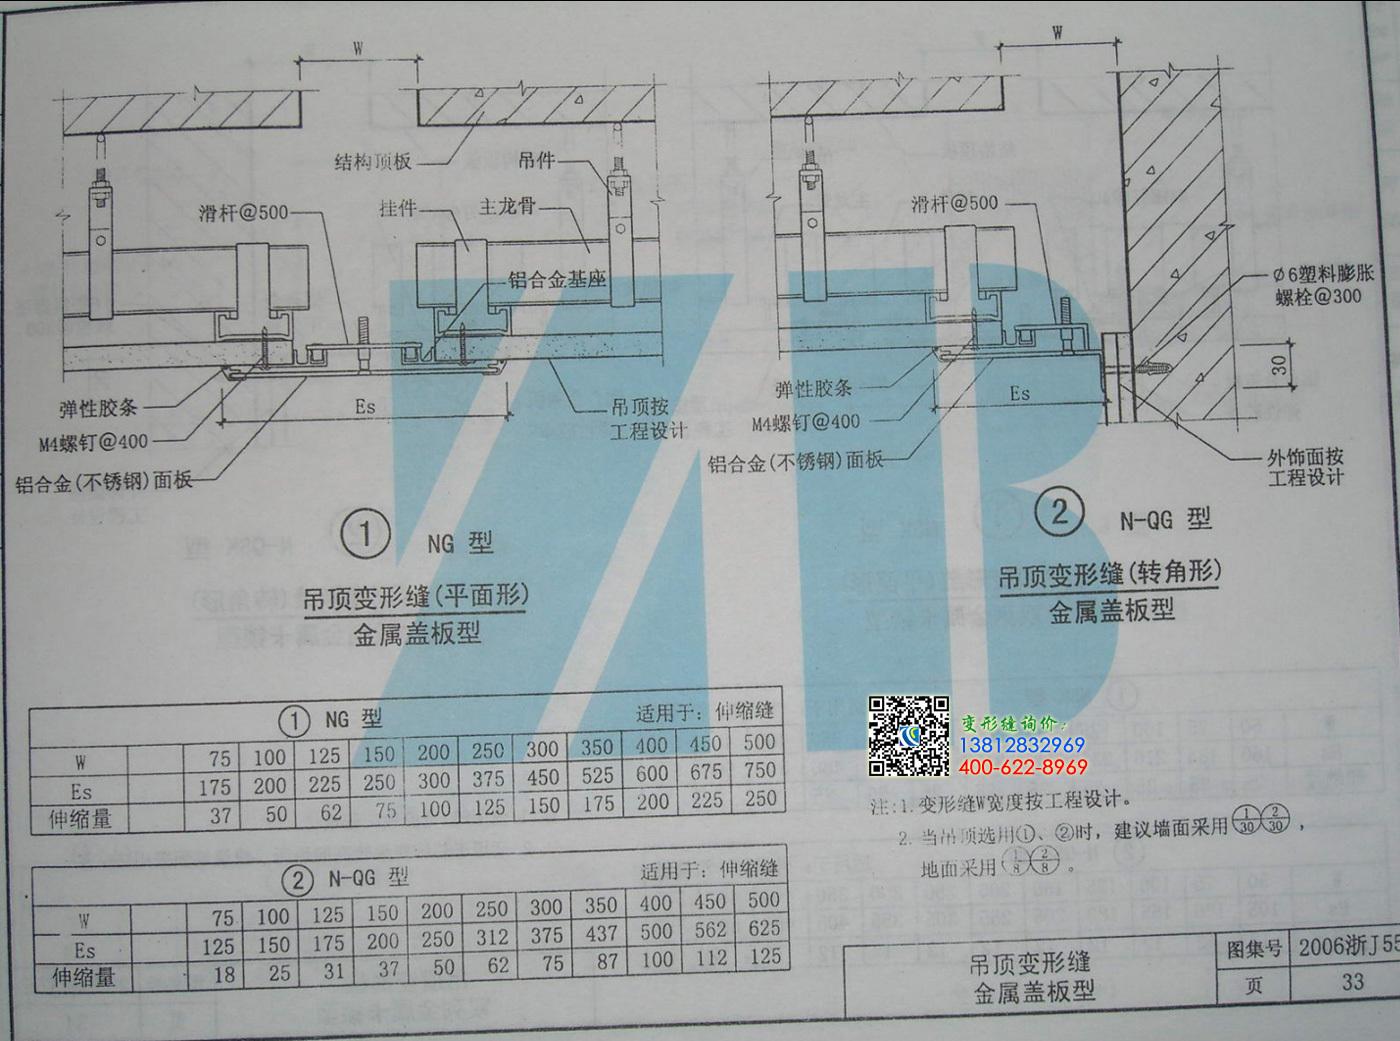 2006浙j55变形缝图集第33页